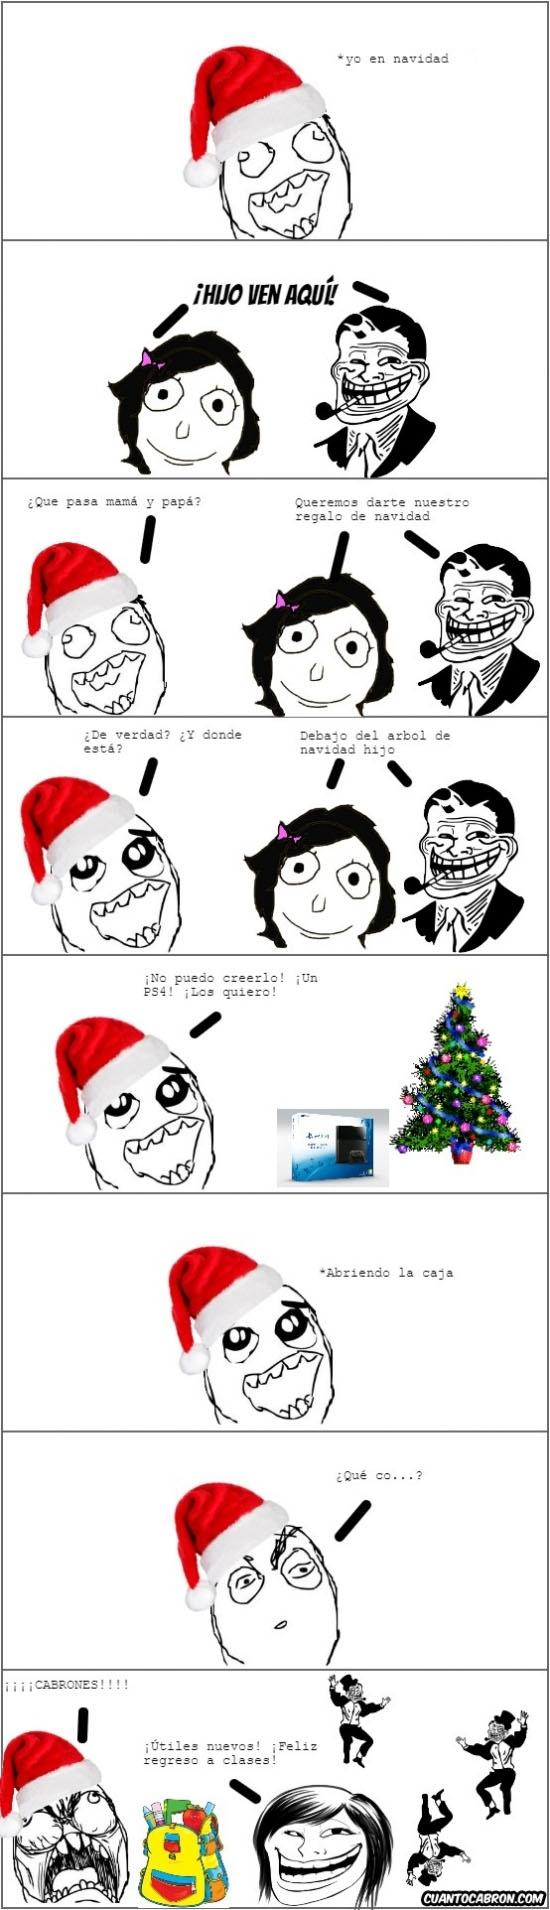 Trolldad - Los padres troll en Navidad